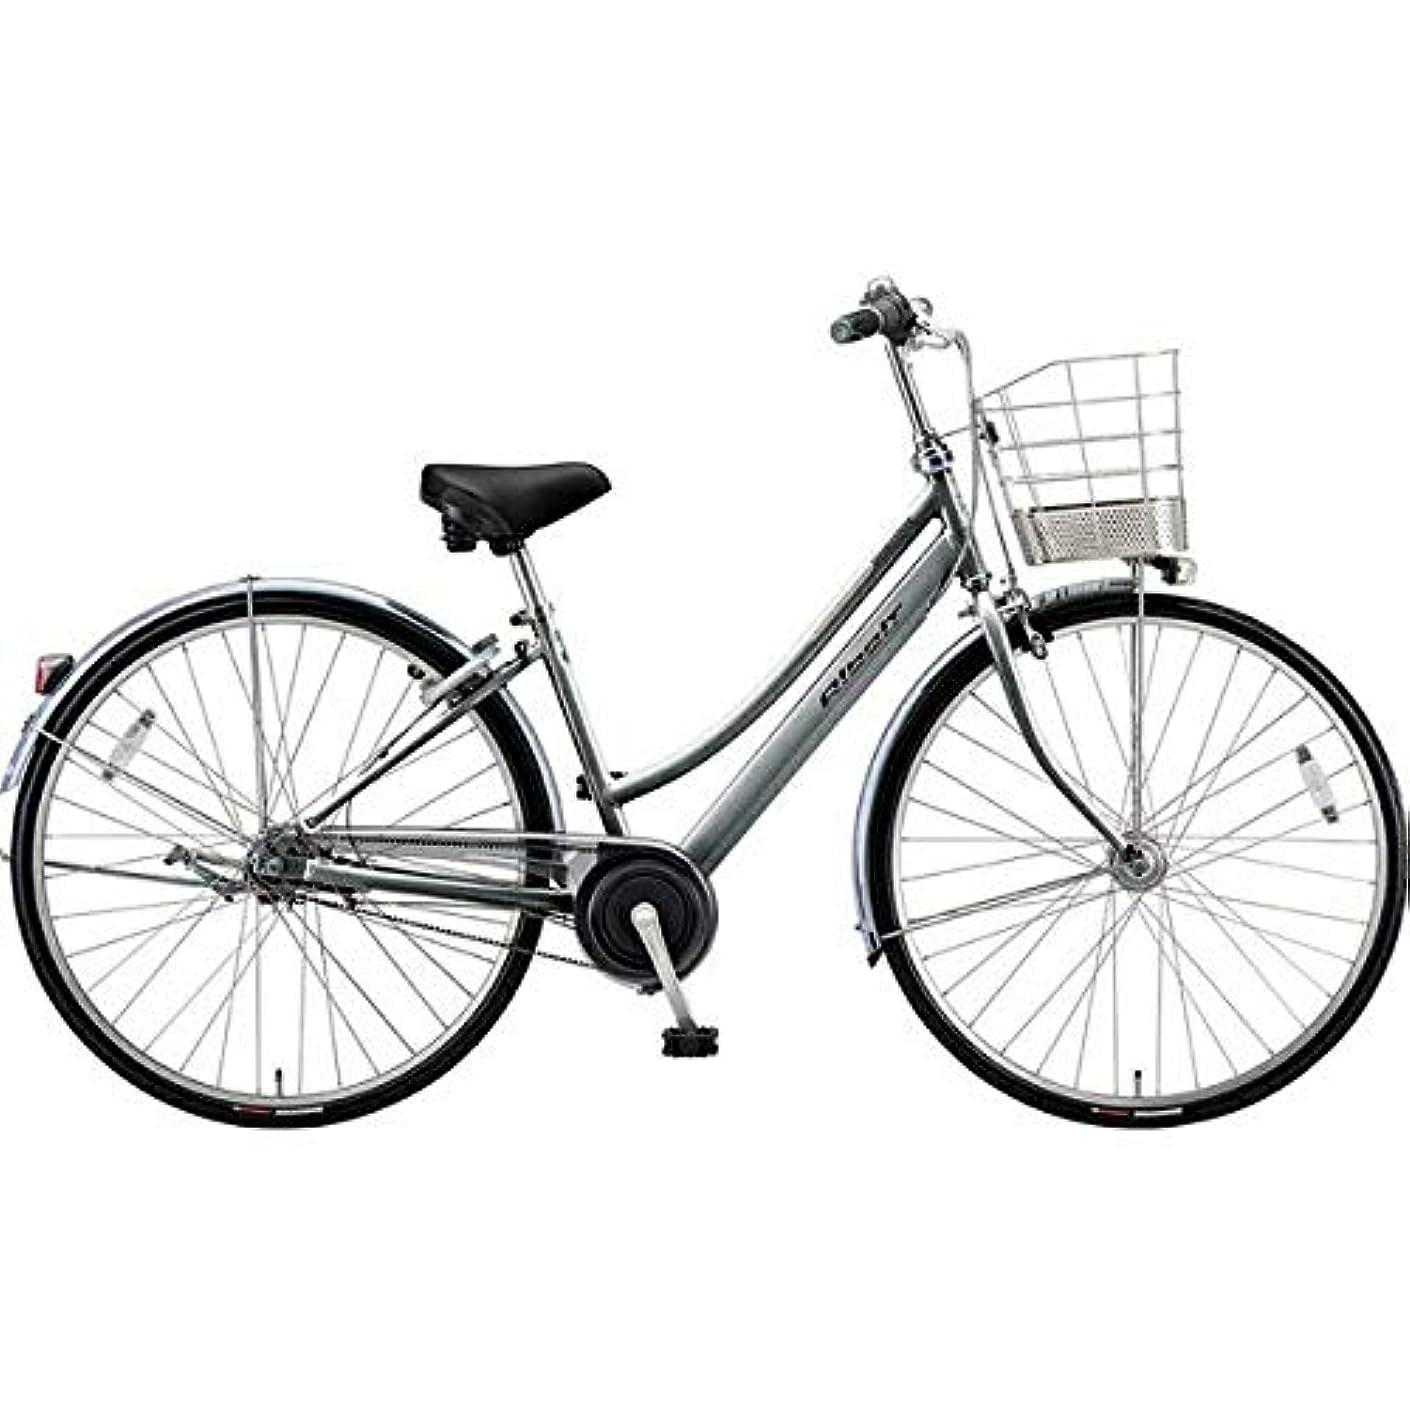 呼ぶしばしば重要ブリヂストン シティサイクル自転車 アルベルト A65LB M.スパークルシルバー M.スパークルシルバー